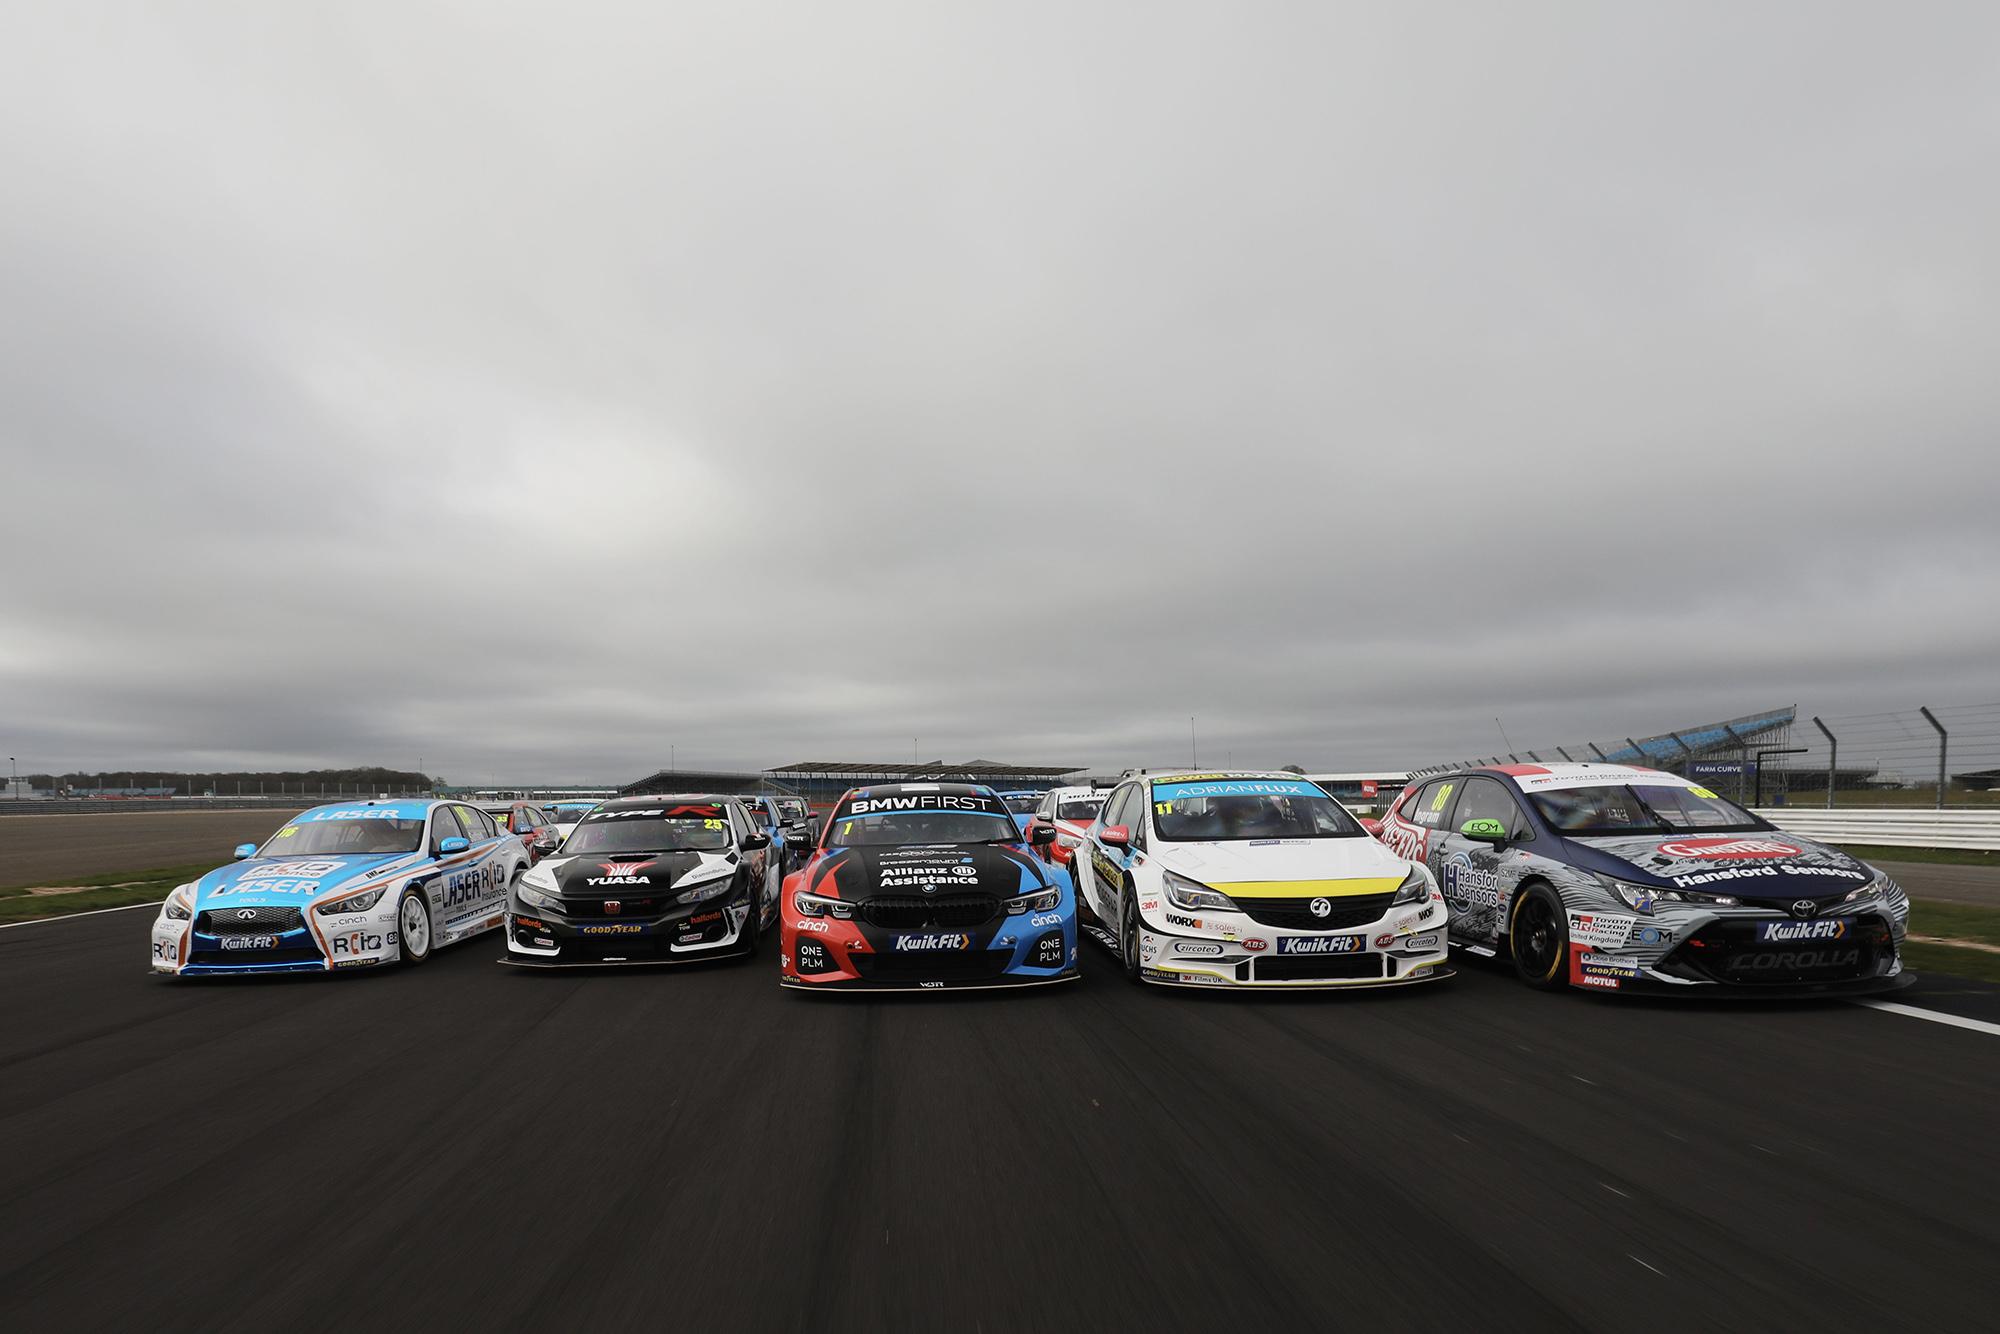 BTCC 2020 media day cars in a pack